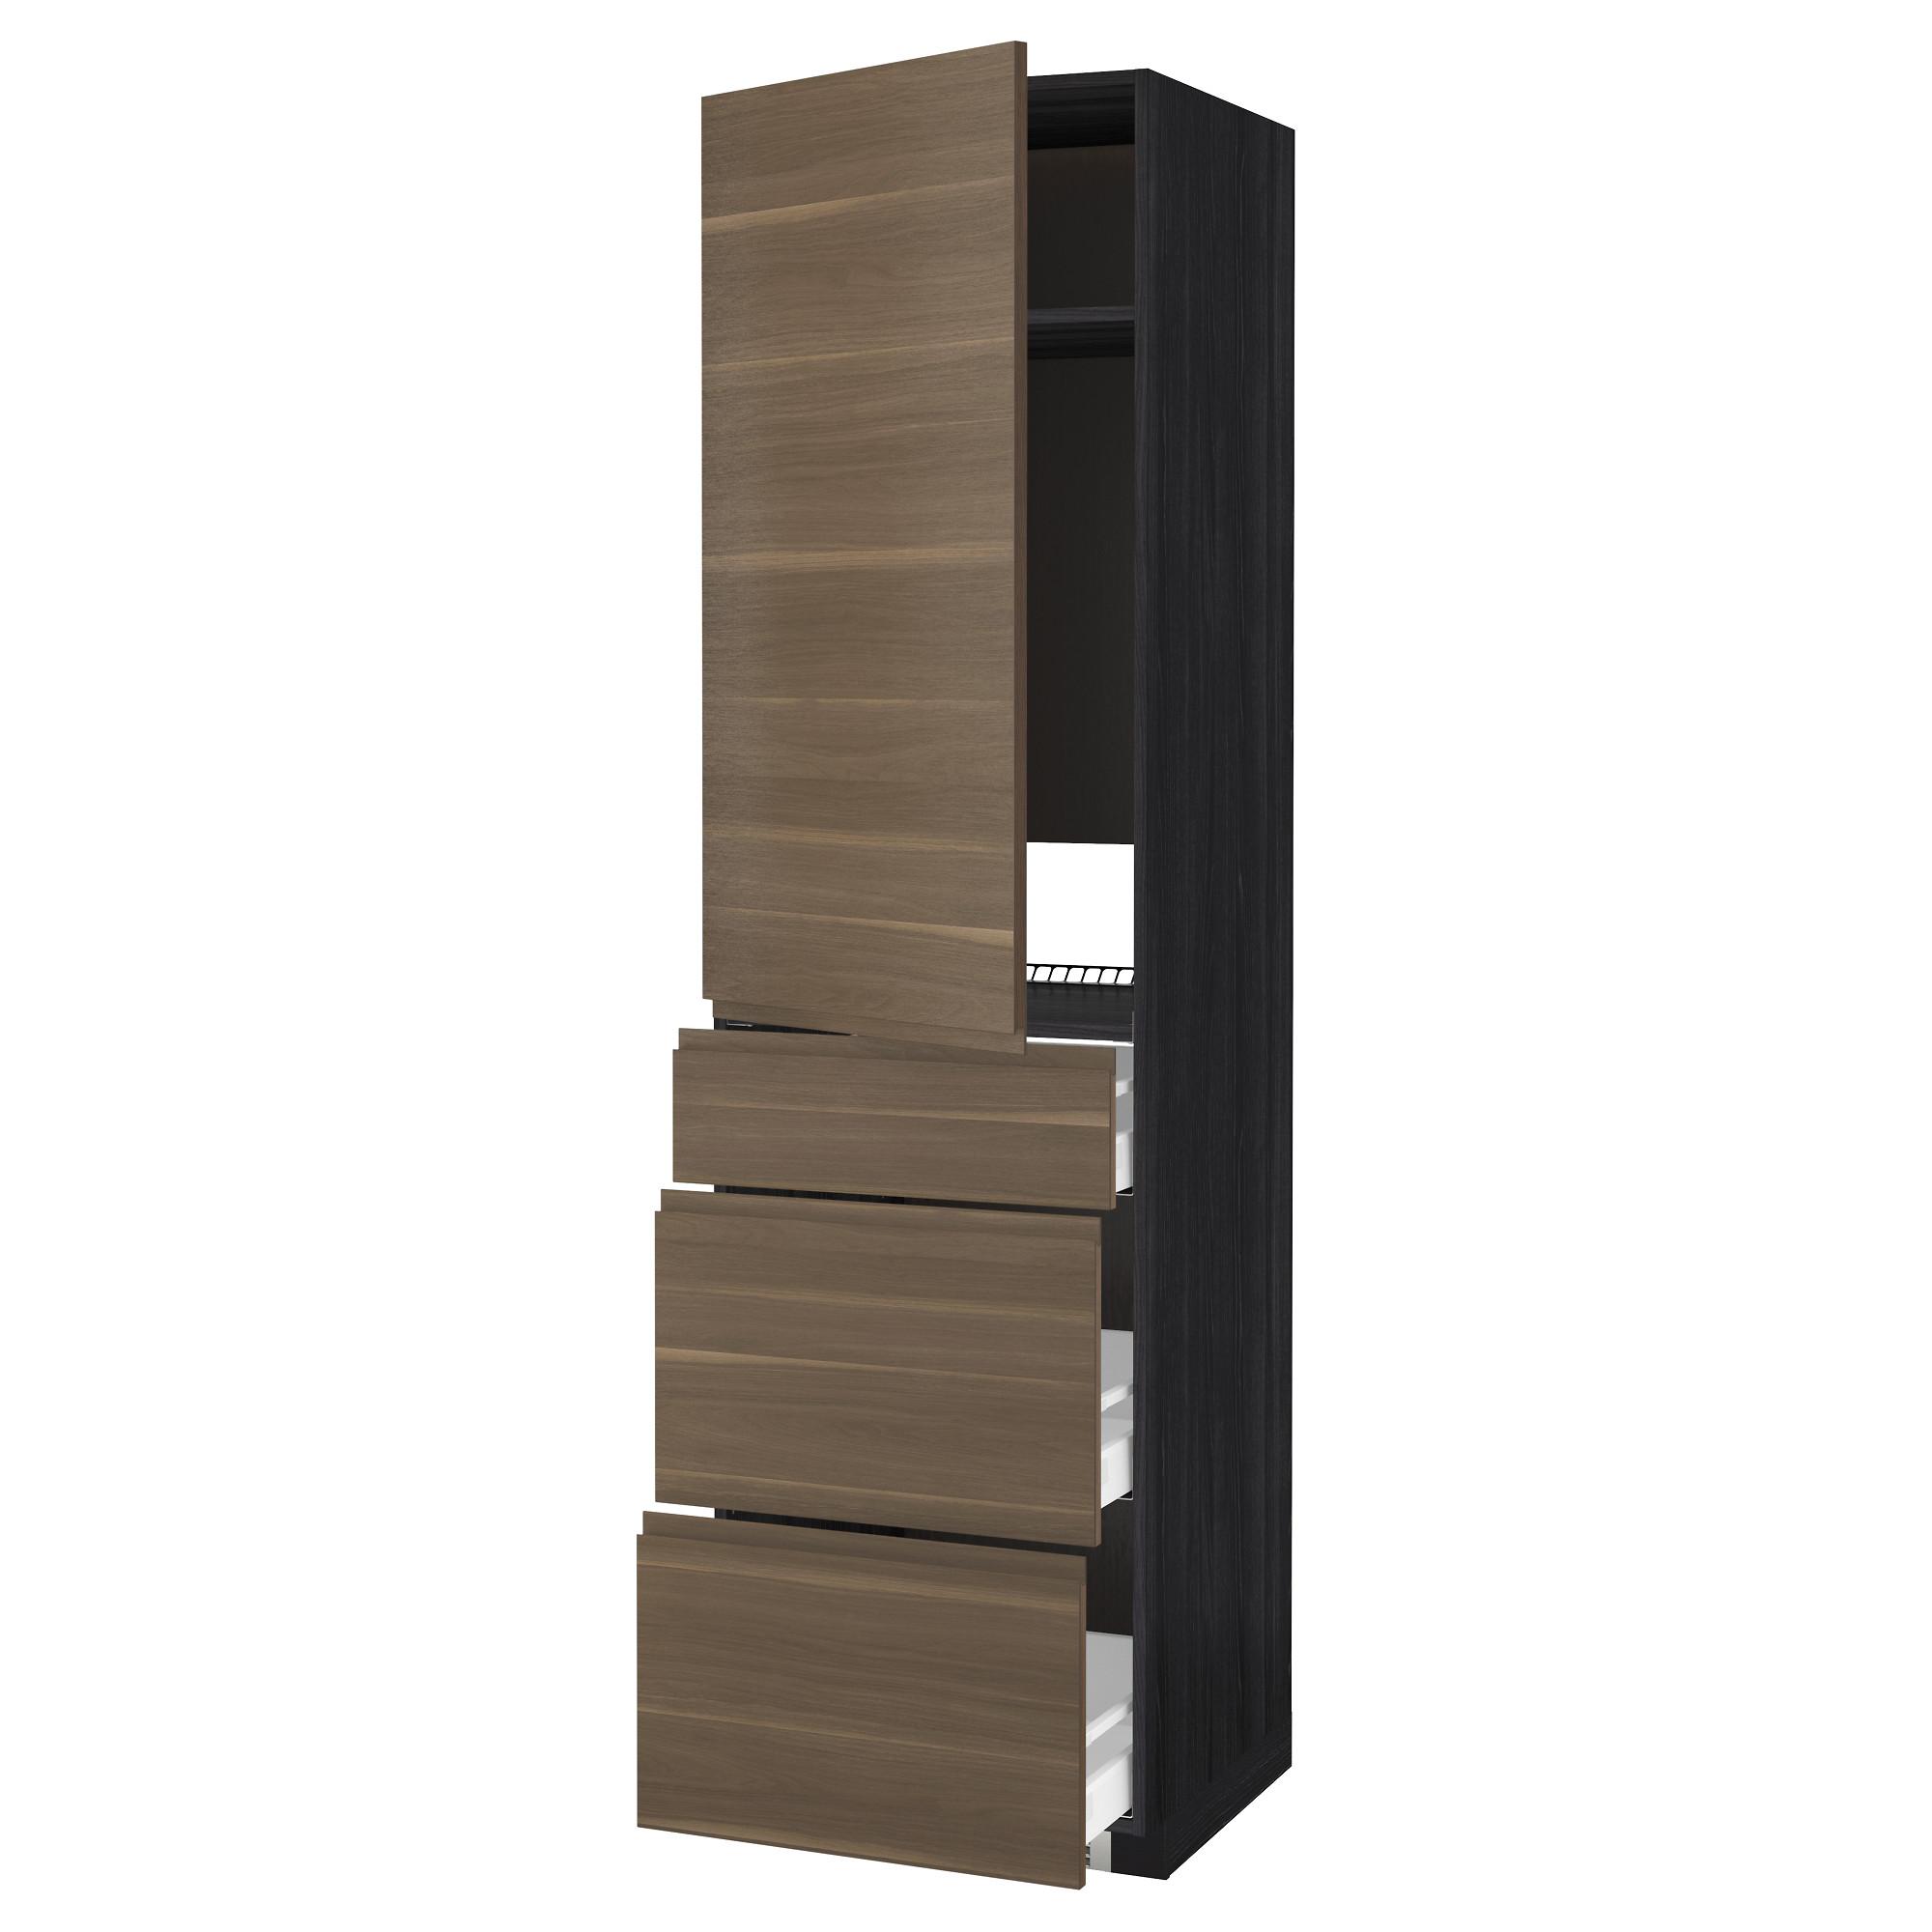 Высокий шкаф для холодильника, с дверцами, 3 ящика МЕТОД / МАКСИМЕРА черный артикуль № 592.390.71 в наличии. Онлайн каталог ИКЕА РБ. Недорогая доставка и монтаж.